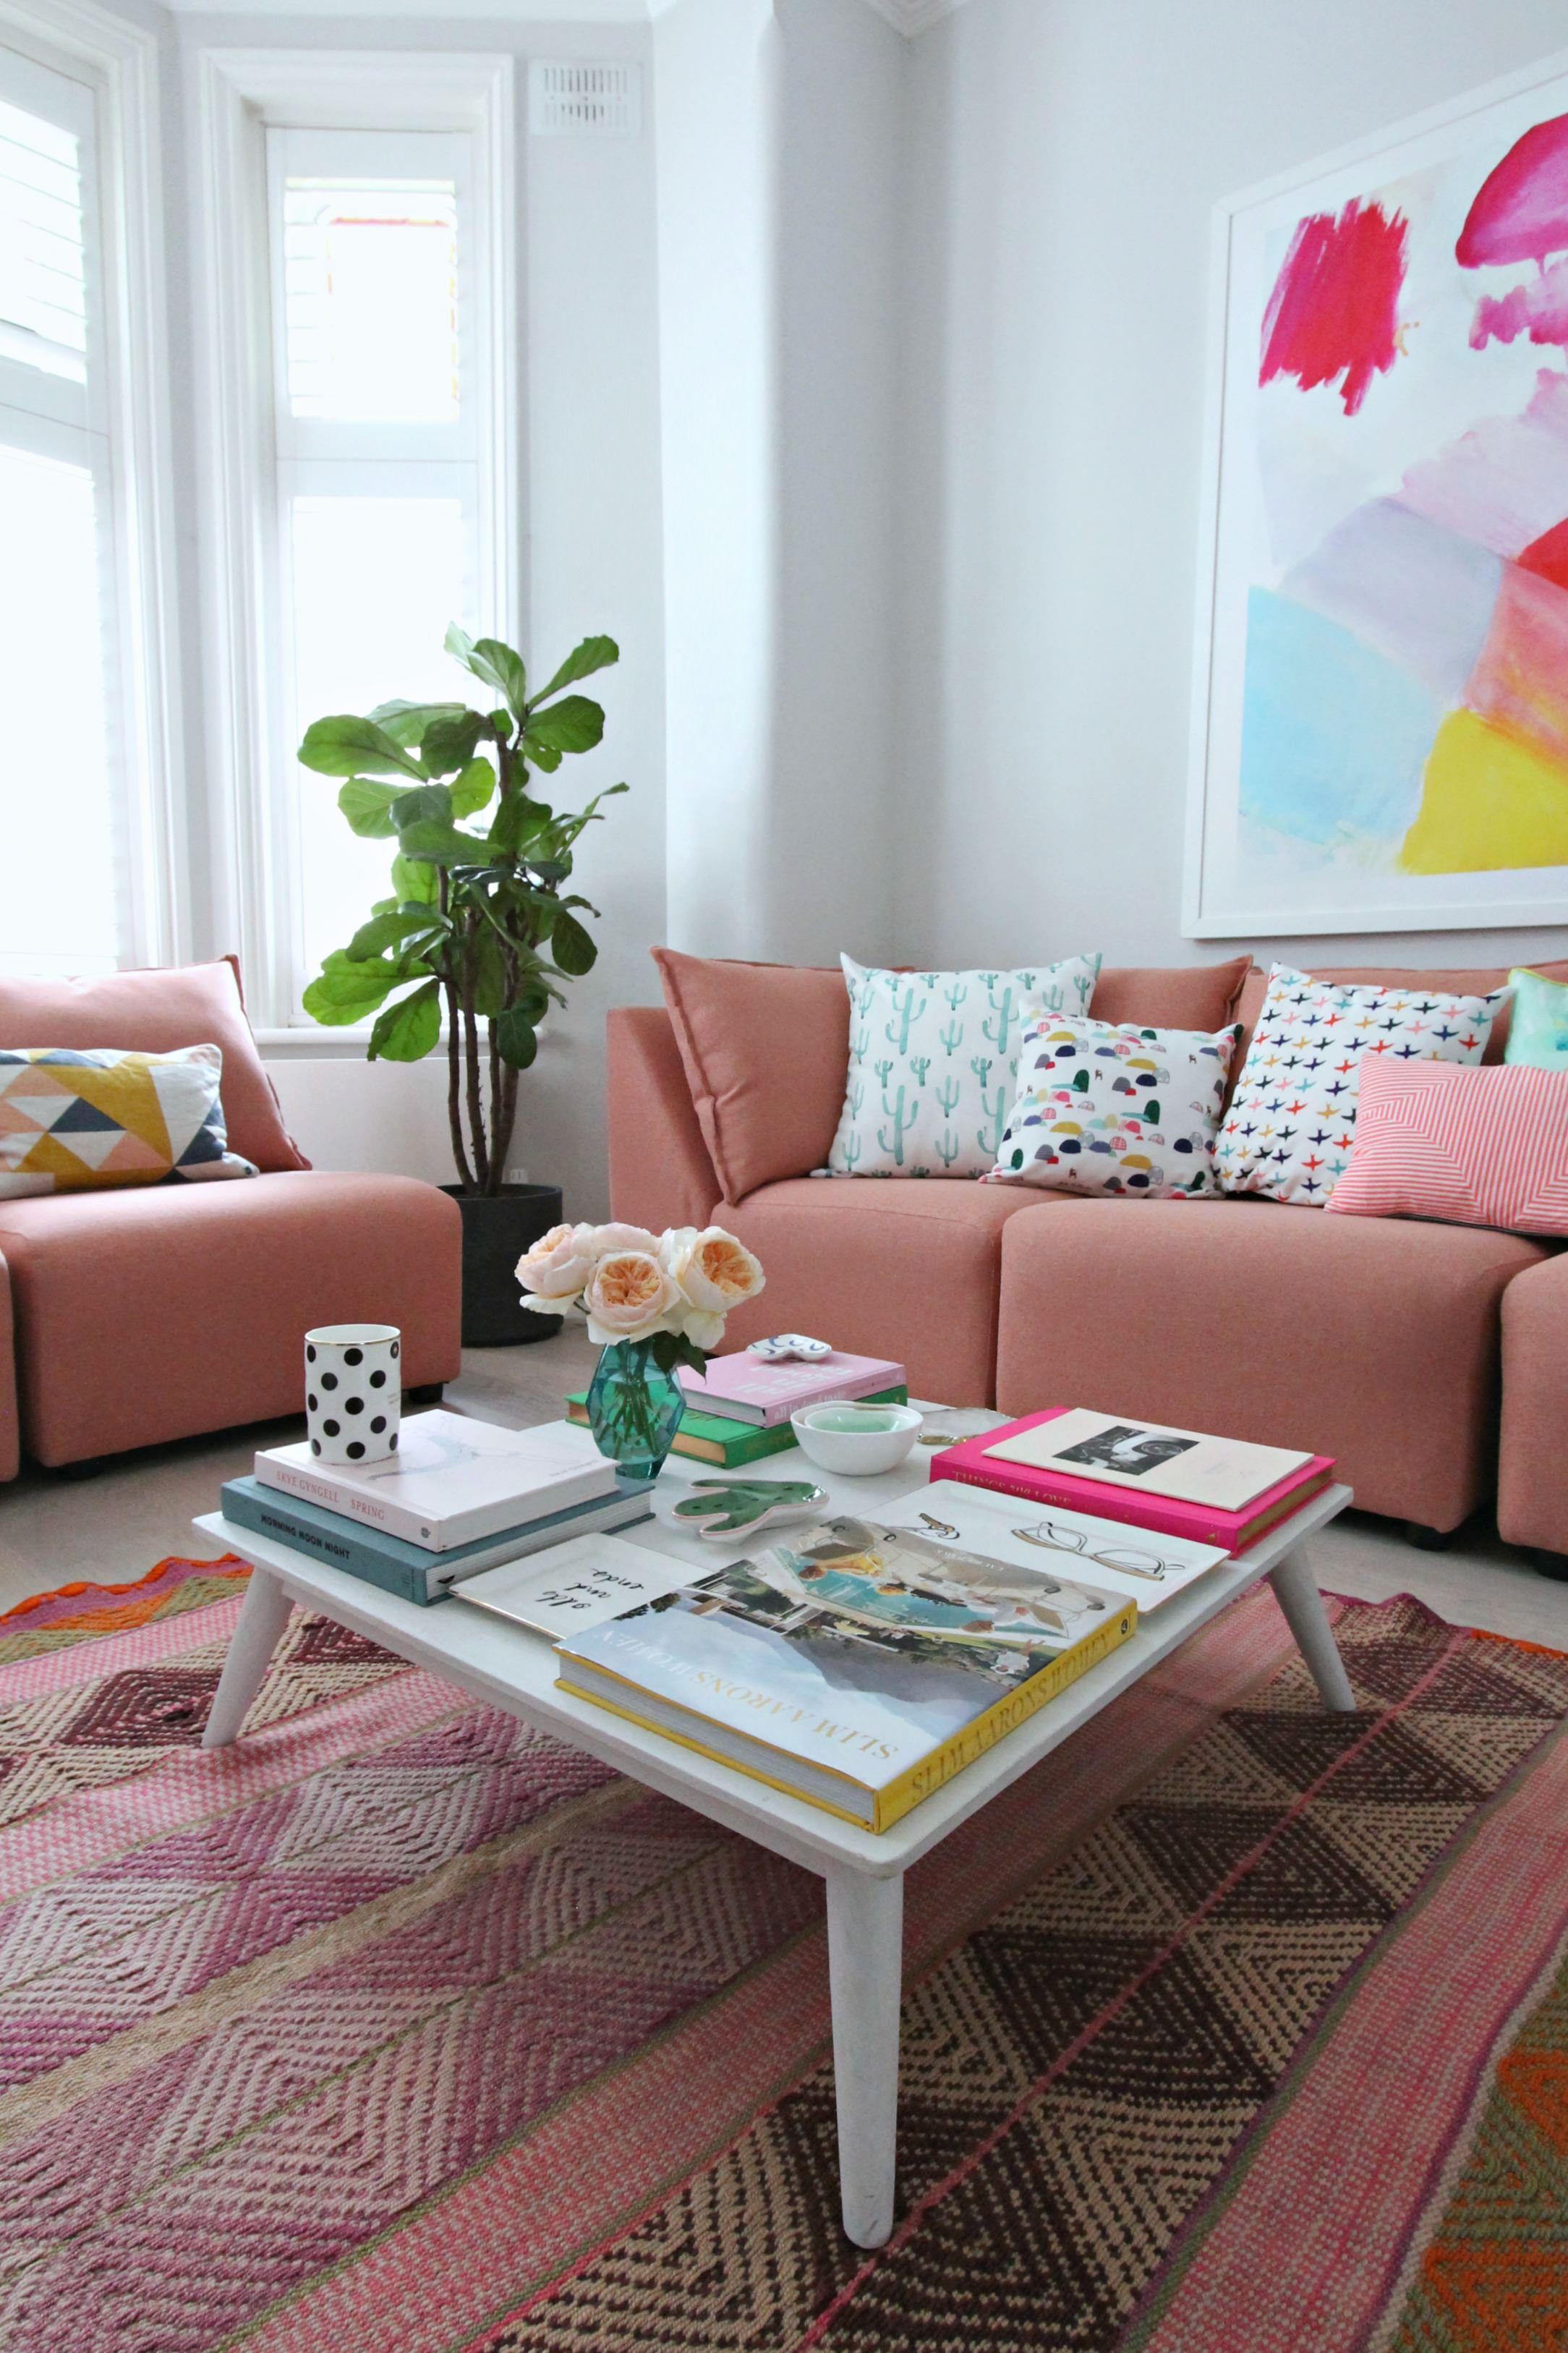 Mẹo chọn vải bọc ghế sofa - bọc đệm ghế gỗ cho nhà bạn